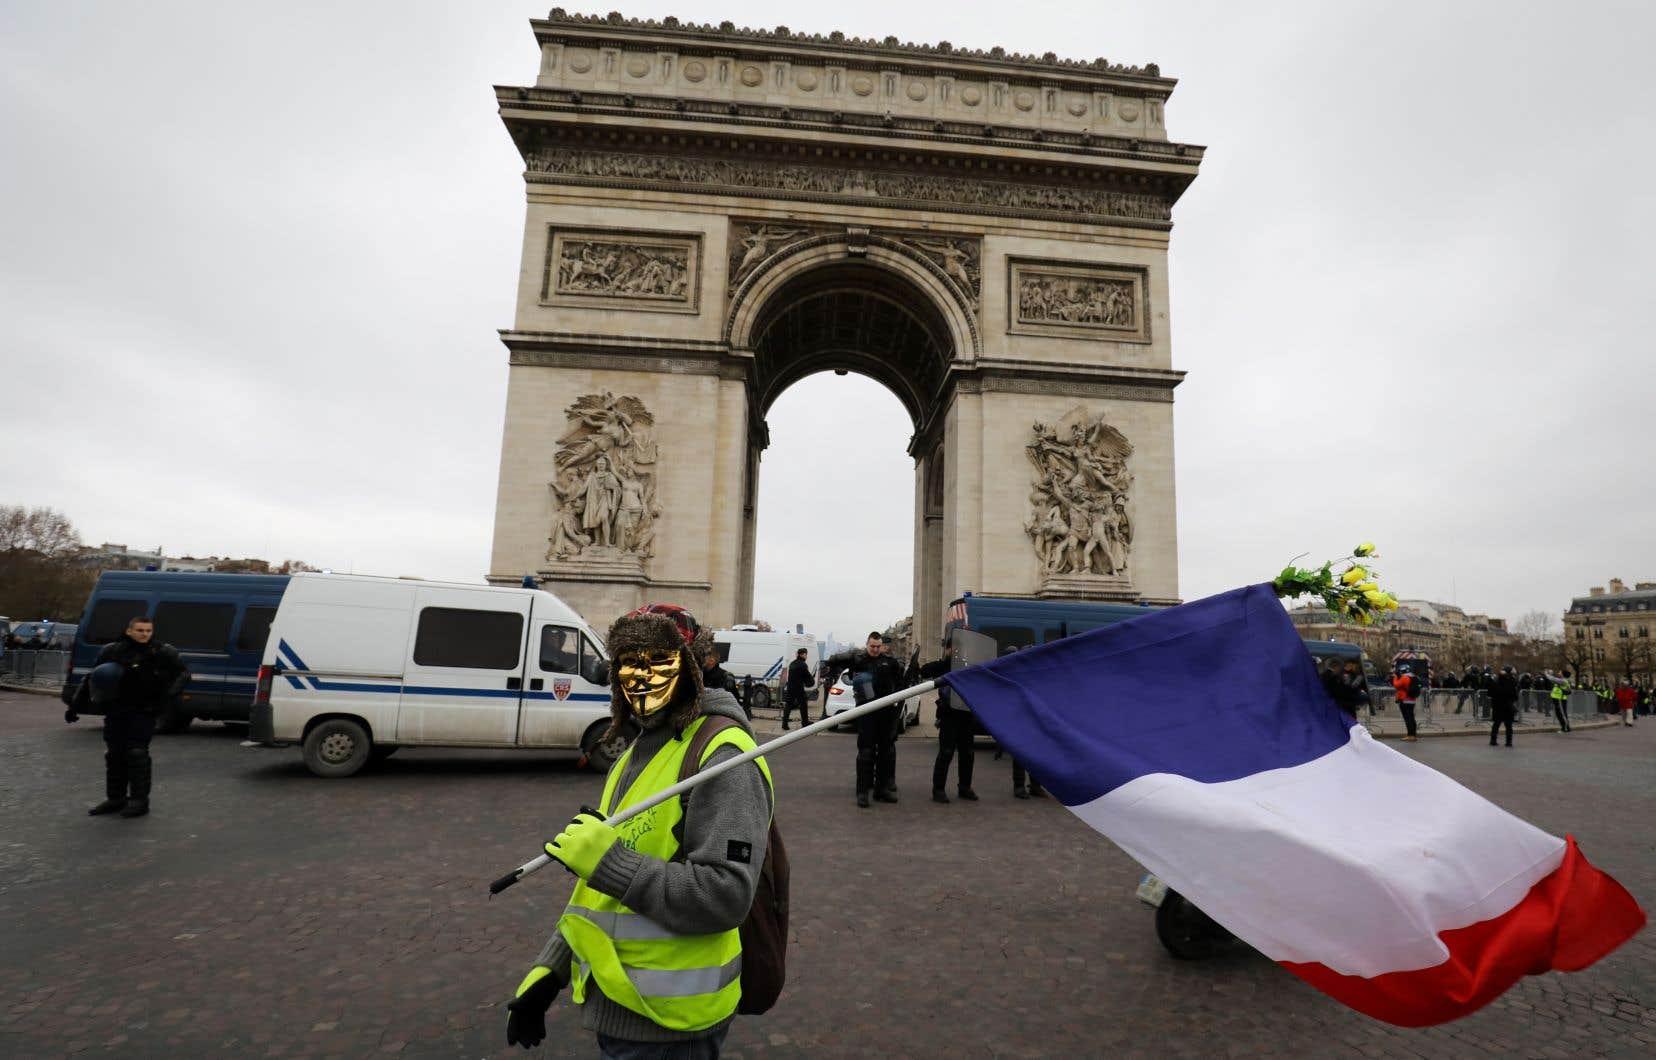 Un manifestant portant un masque de Guy Fawkes et un gilet jaune brandit un drapeau français devant l'Arc de Triomphe lors d'une manifestation à Paris.